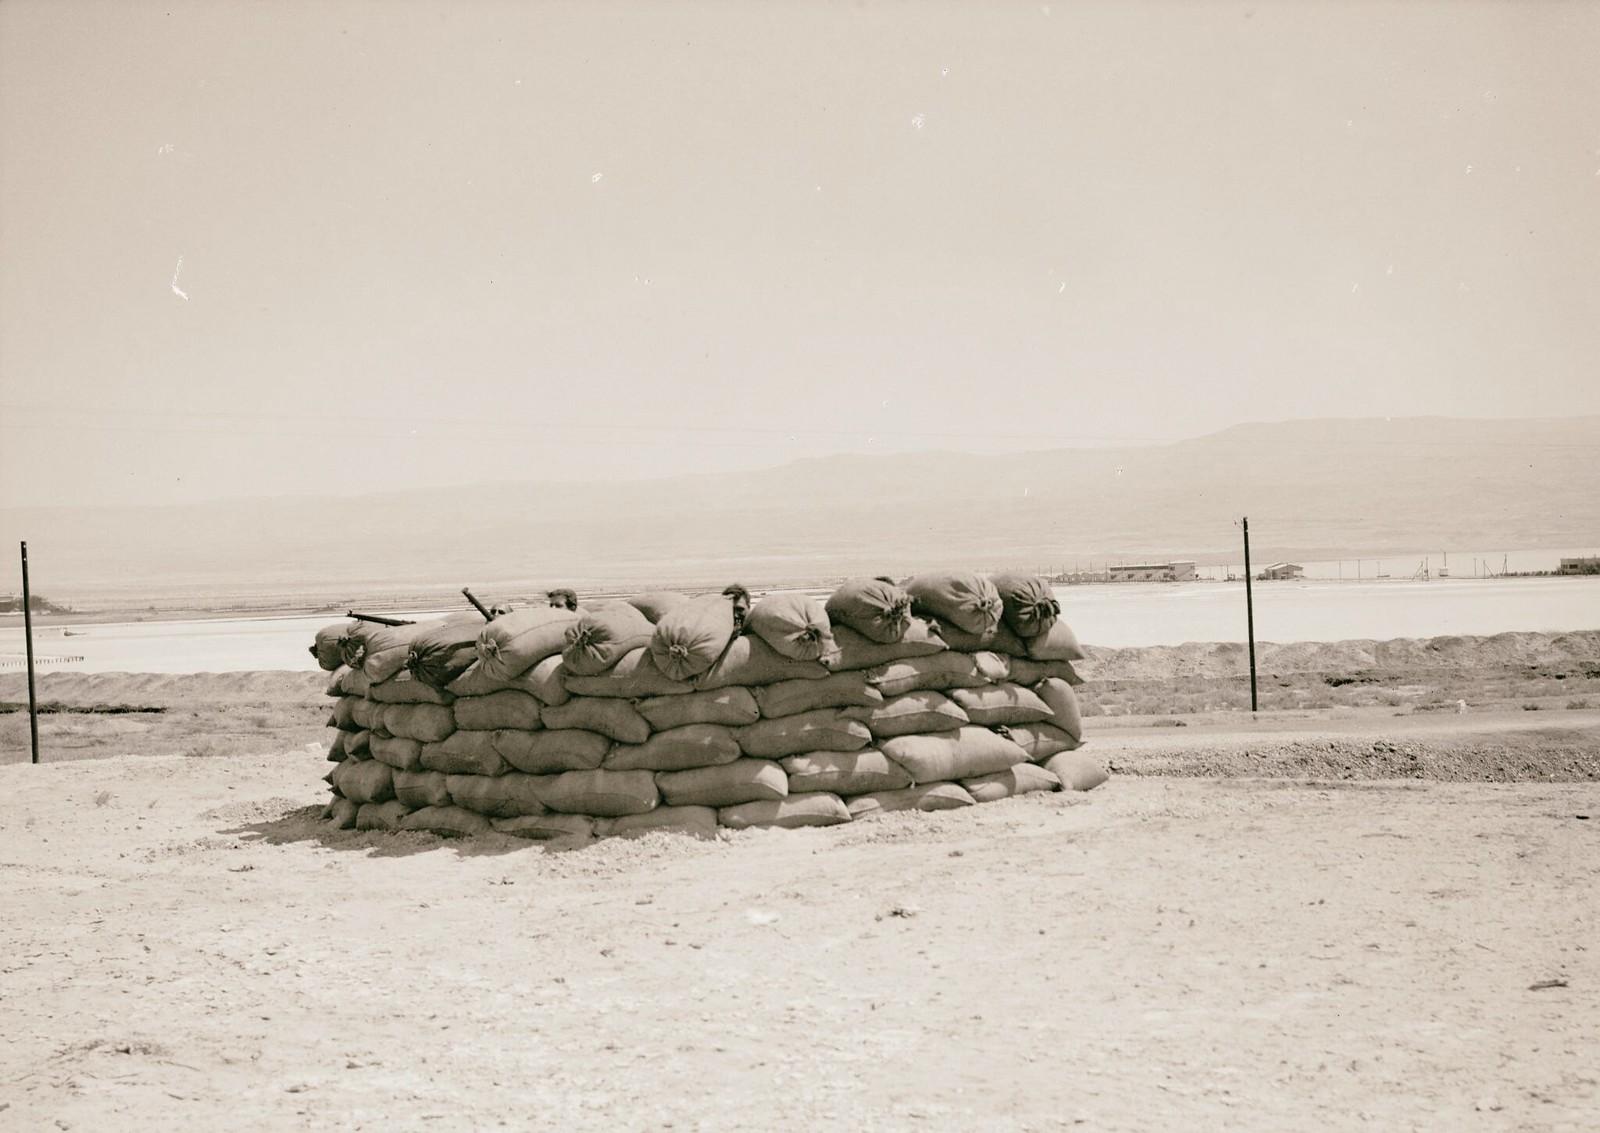 23. 1938. Вооруженные еврейские рабочие компании «Palestine Potash Ltd» охраняют подходы к калийному заводу на северной оконечности Мертвого моря